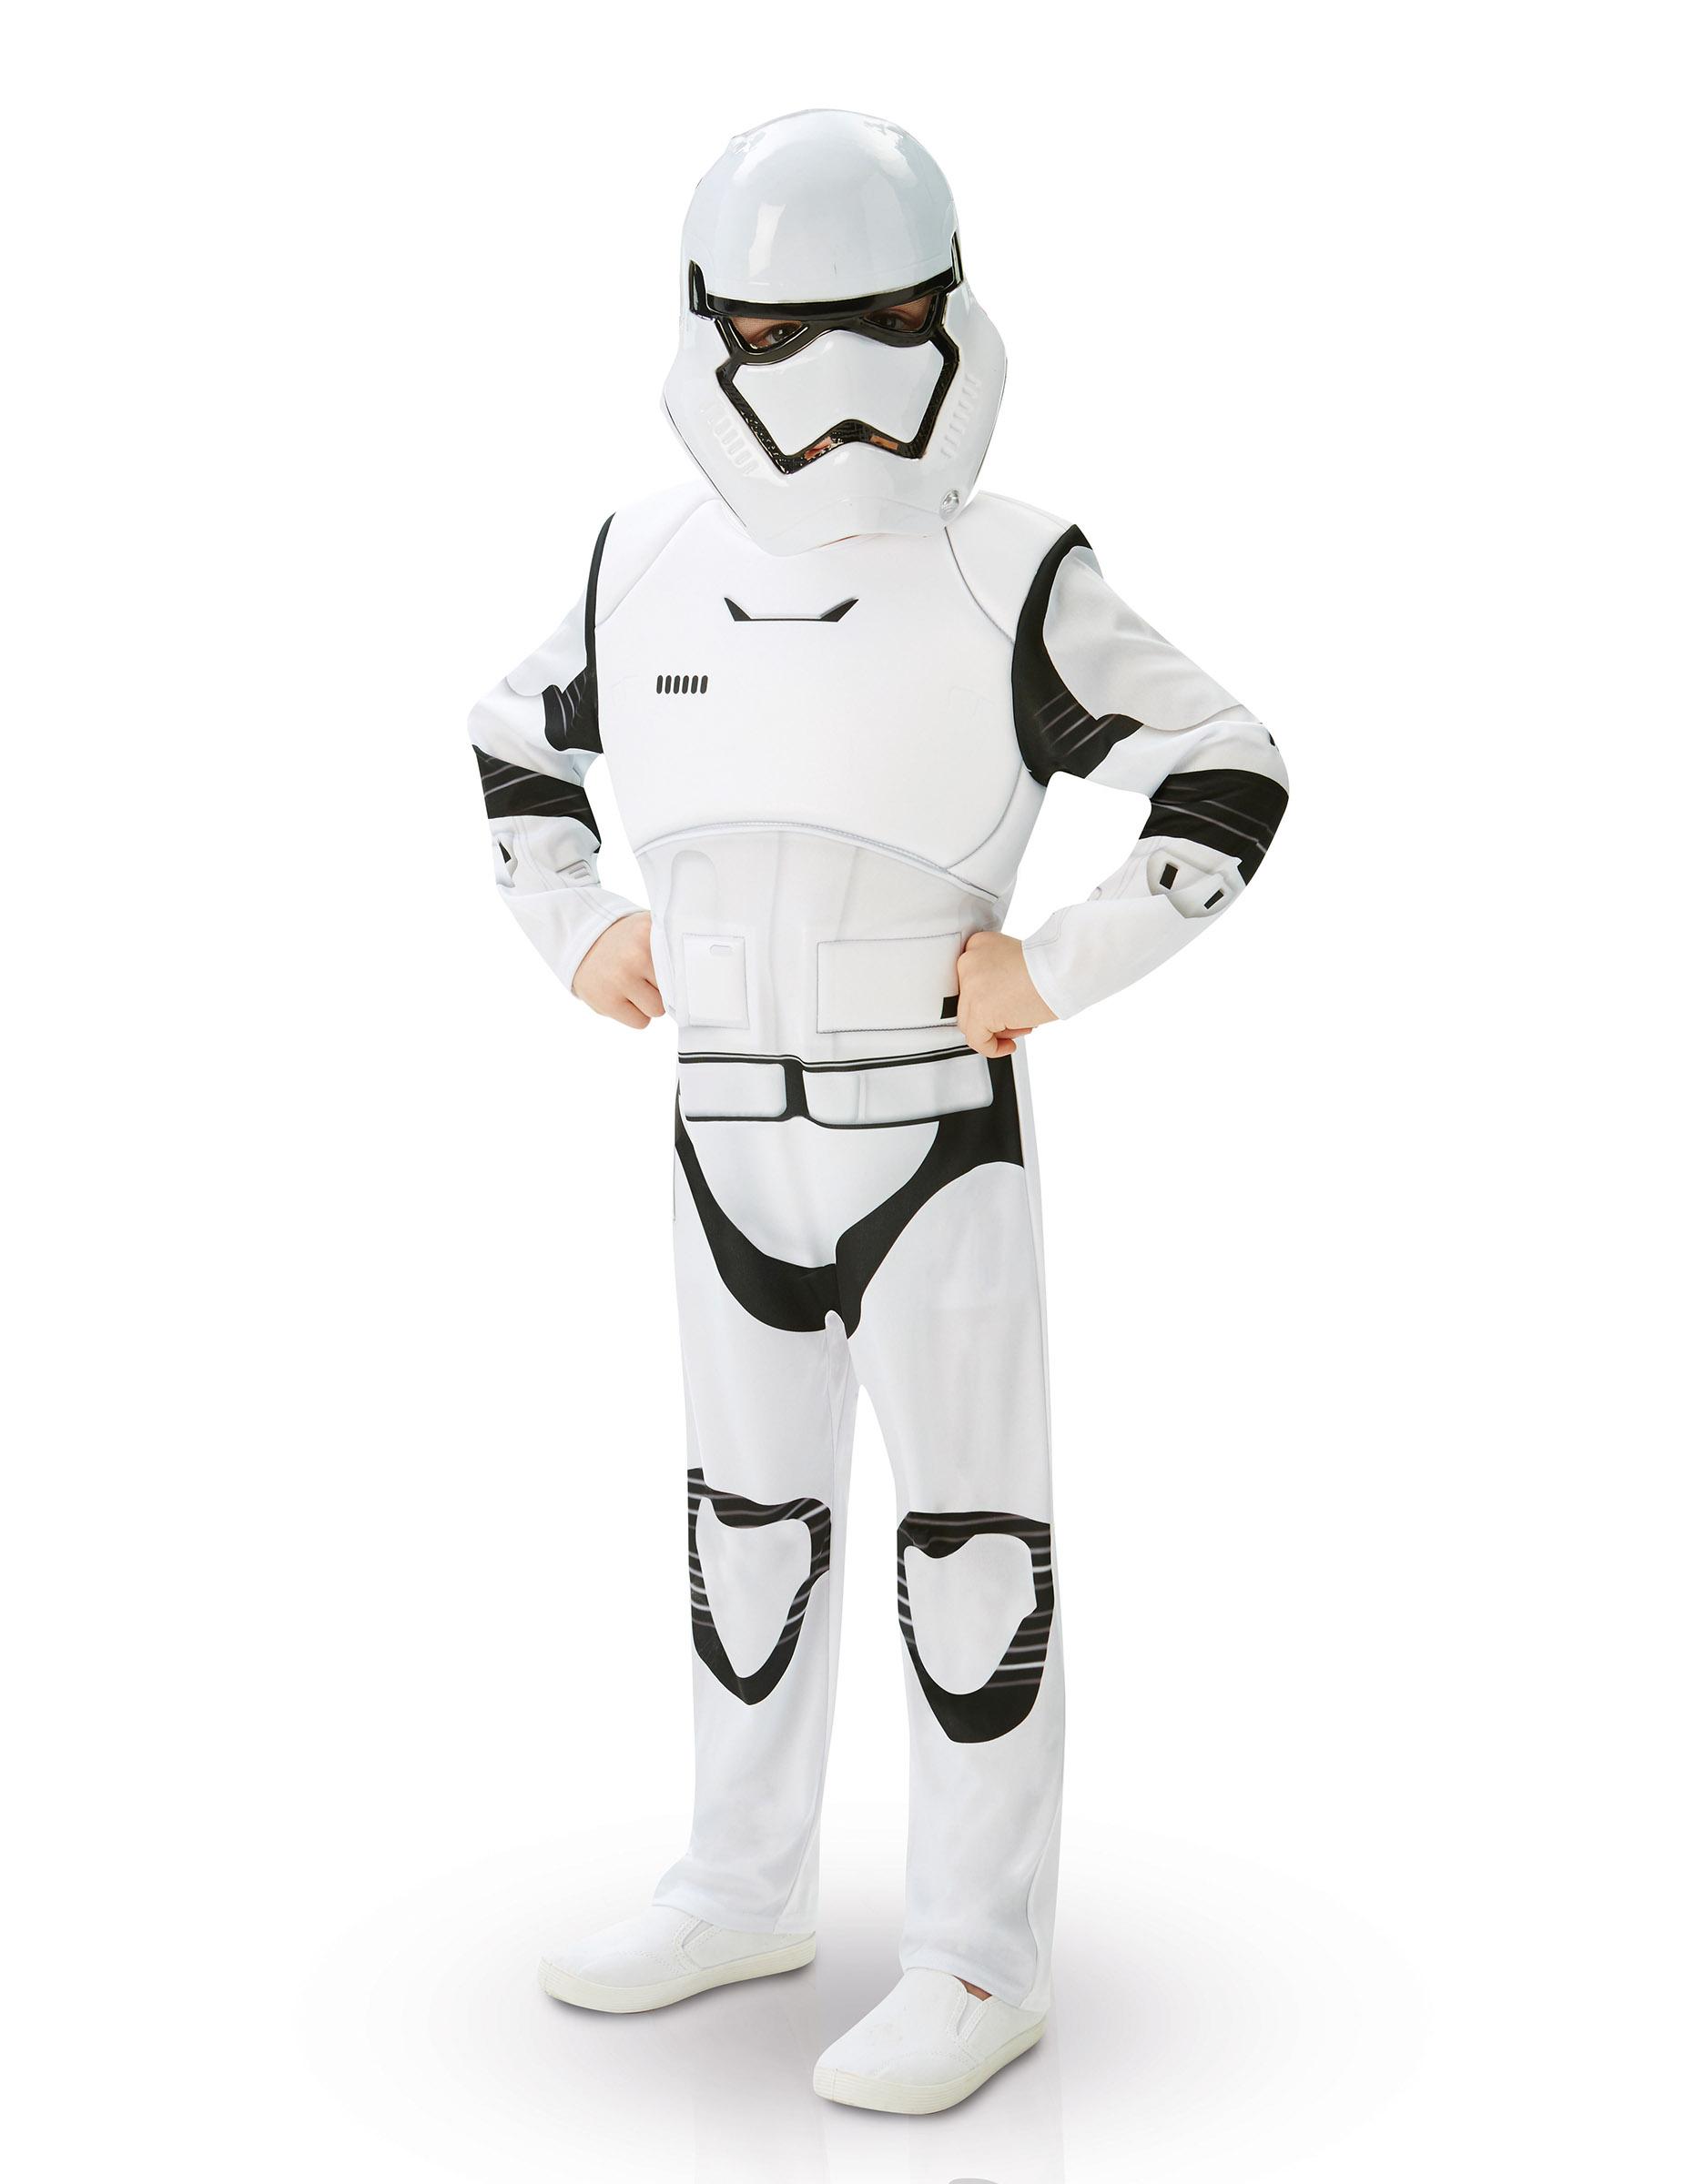 d guisement stormtrooper officielle pas cher d. Black Bedroom Furniture Sets. Home Design Ideas